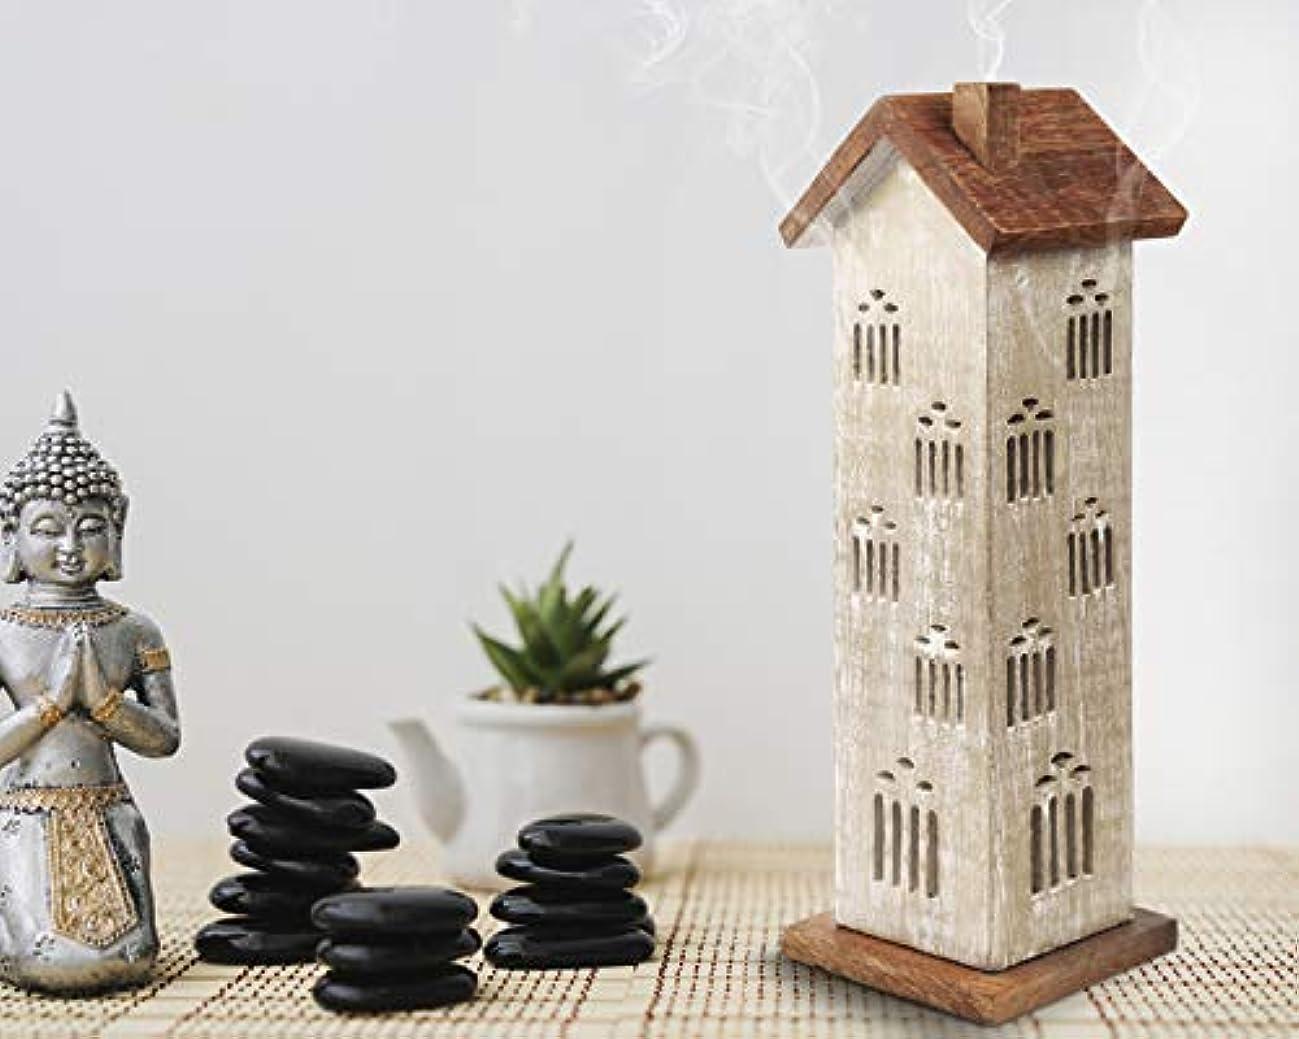 剥離変形する住居storeindya 感謝祭ギフト 木製タワーハウスお香ホルダー アッシュキャッチャー付き 装飾的 無料 オーガニックお香3本